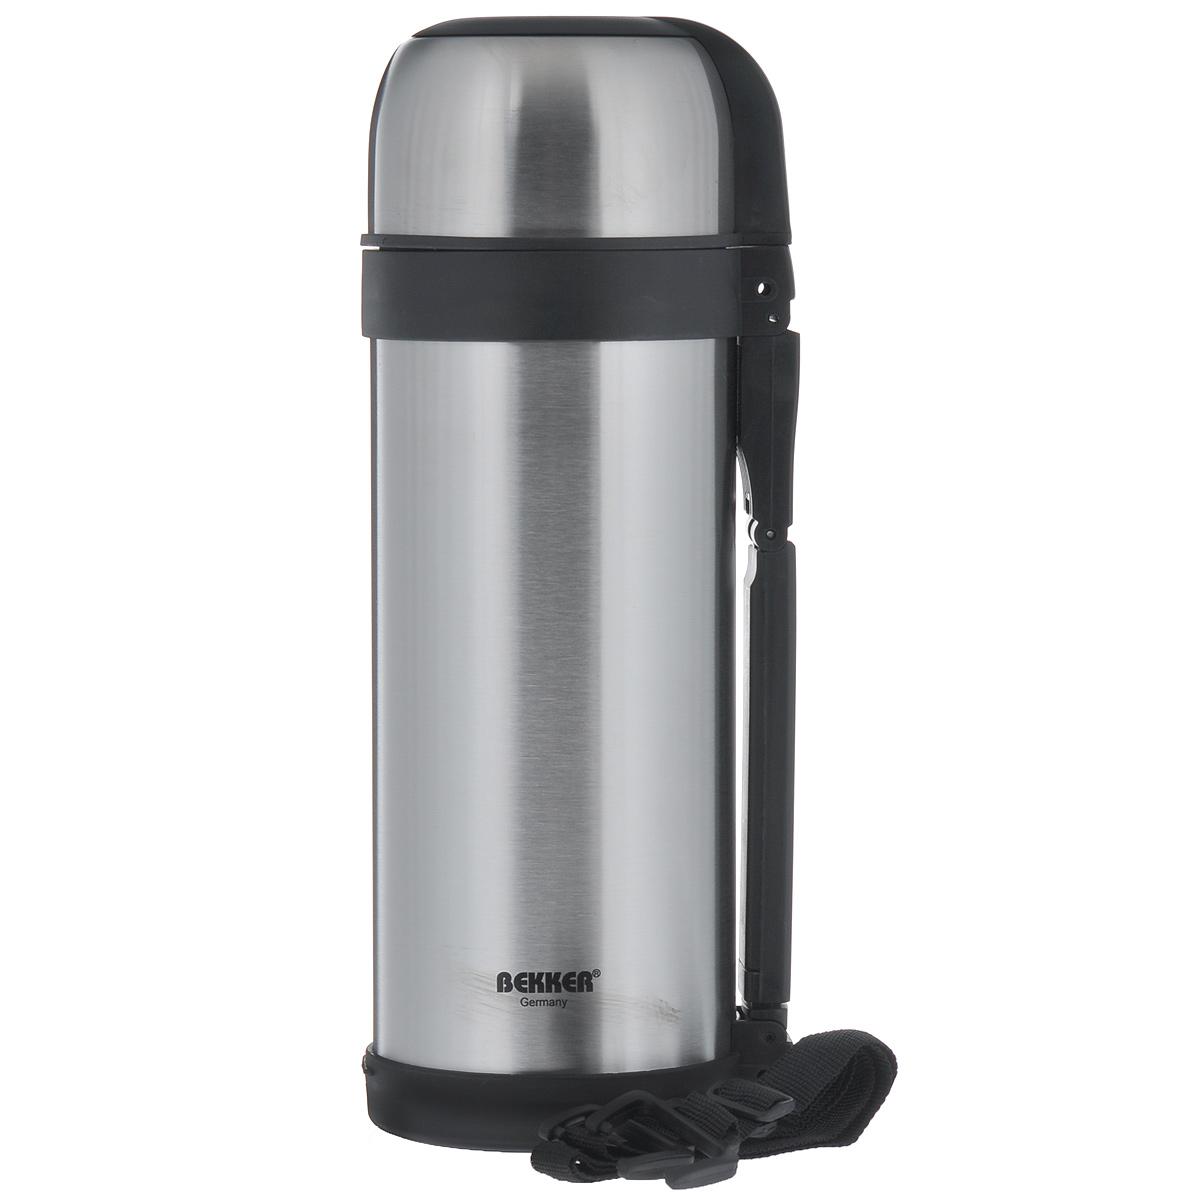 Термос Bekker, с широким горлом, 1,8 л. BK-79BK-79Термос Bekker изготовлен из высококачественной нержавеющей стали 18/8. Он имеет небьющуюся внутреннюю колбу с двойной стенкой и изолированную крышку. Изделие оснащено вакуумной кнопкой для жидкости, а также удобной ручкой. Термос сохраняет напитки и пищу горячими и холодными долгое время. В комплекте ремень для переноски, что делает использование термоса легким и удобным.Легкий и прочный термос Bekker идеально подойдет для транспортировки и путешествий.